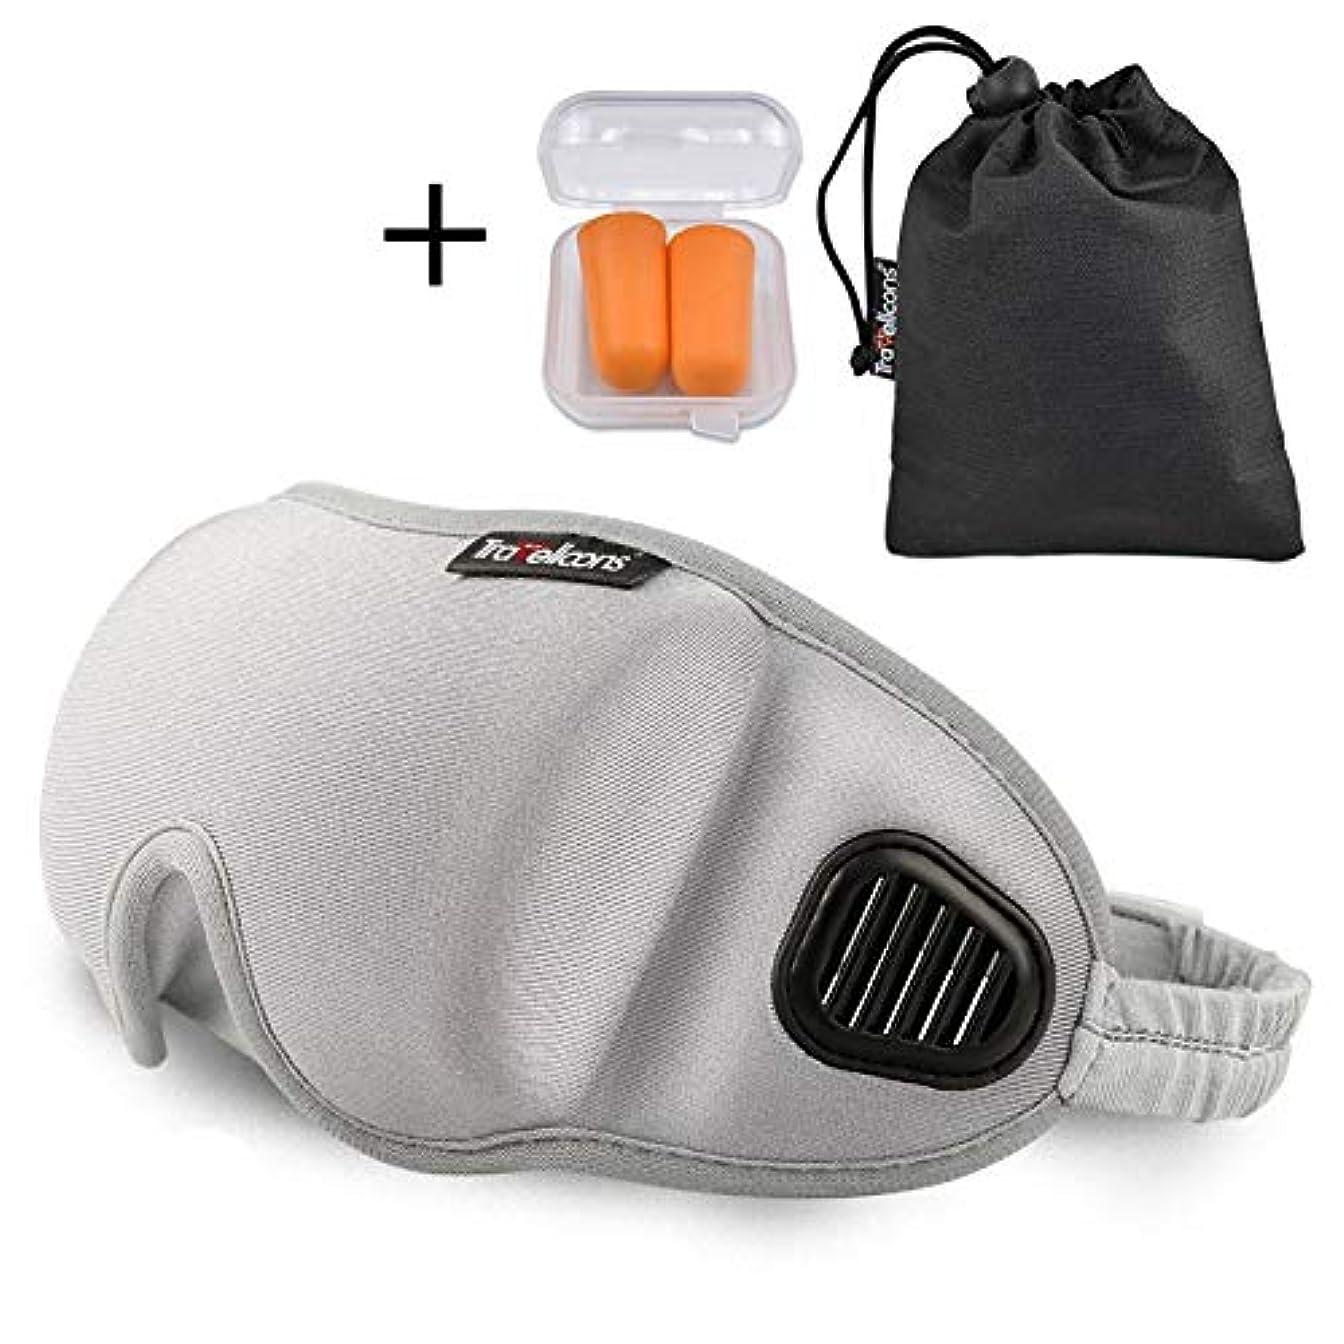 コンプライアンス相関する畝間NOTE 3d立体睡眠マスク柔らかいビロード通気性睡眠アイマスクアイレストマッサージ100%シェーディングストラップ調節可能な男性女性